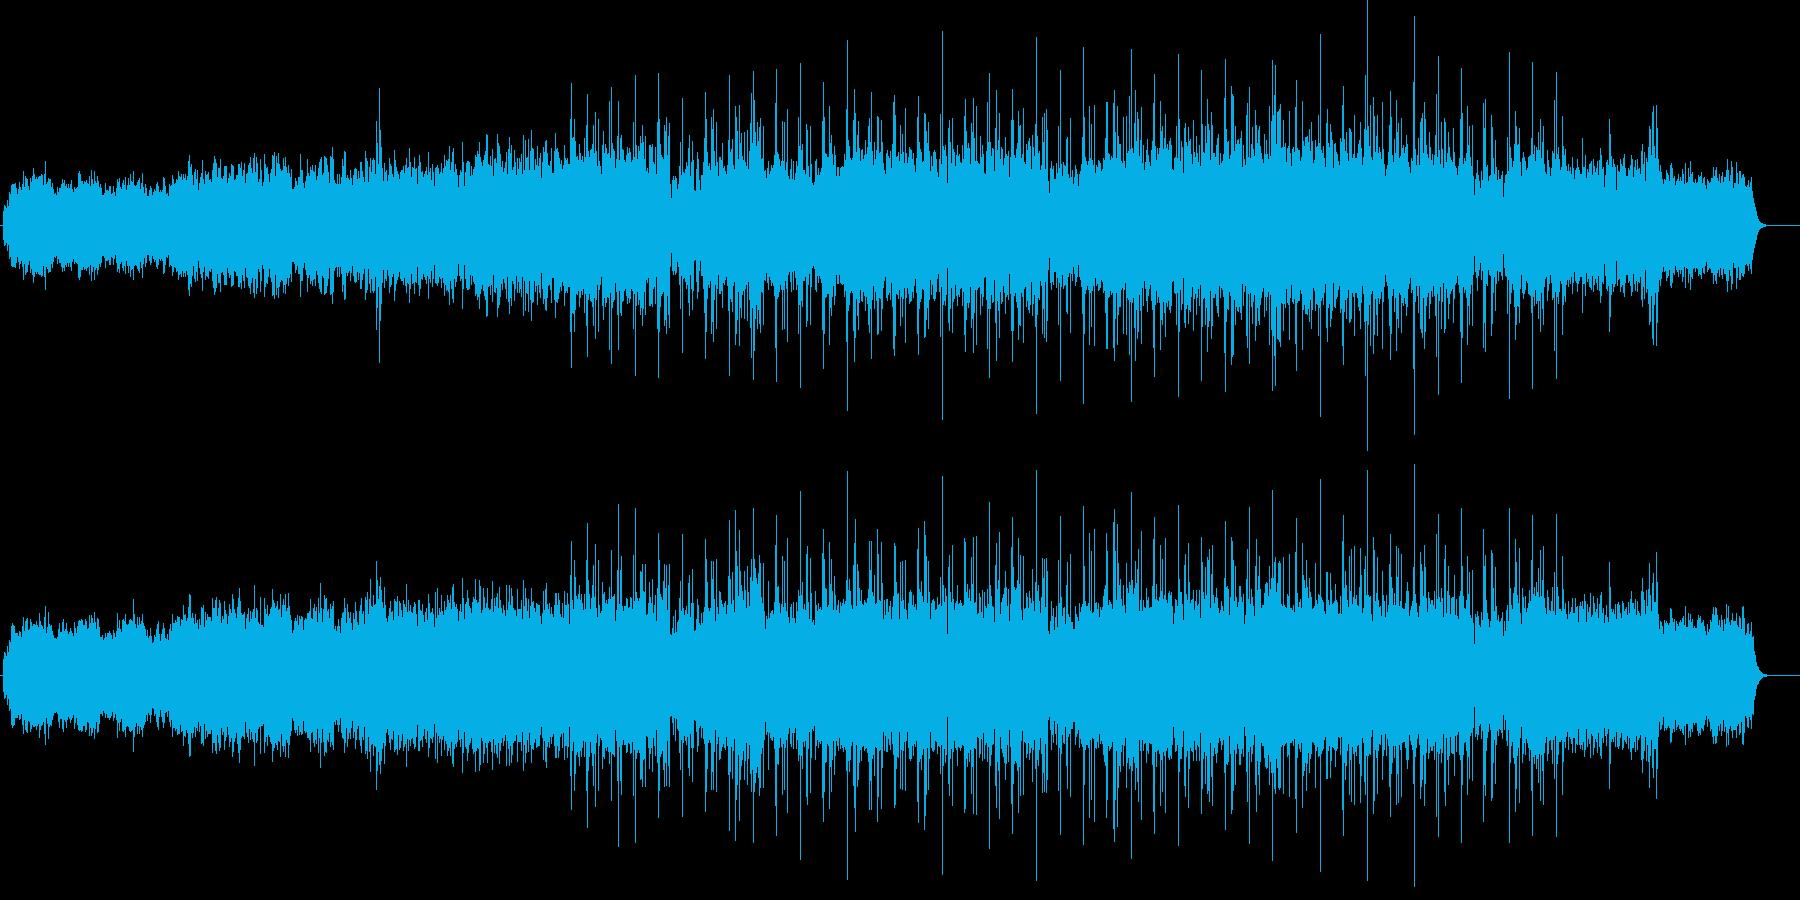 偏西風(ジェットストリーム)の再生済みの波形